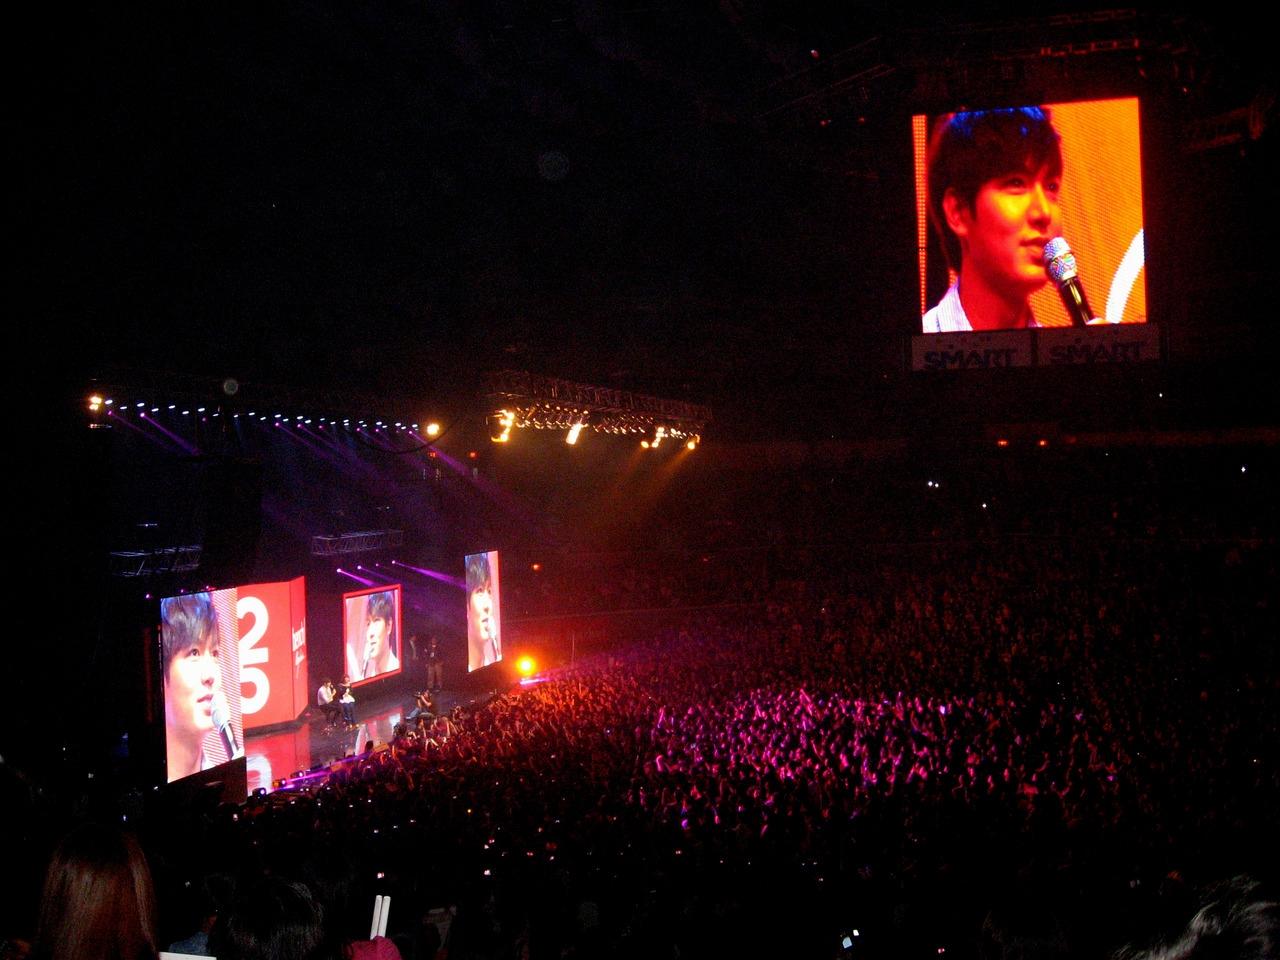 Hơn 15.000 fan đã lấp đầy khán phòng để được giao lưu cùng Lee Min Ho